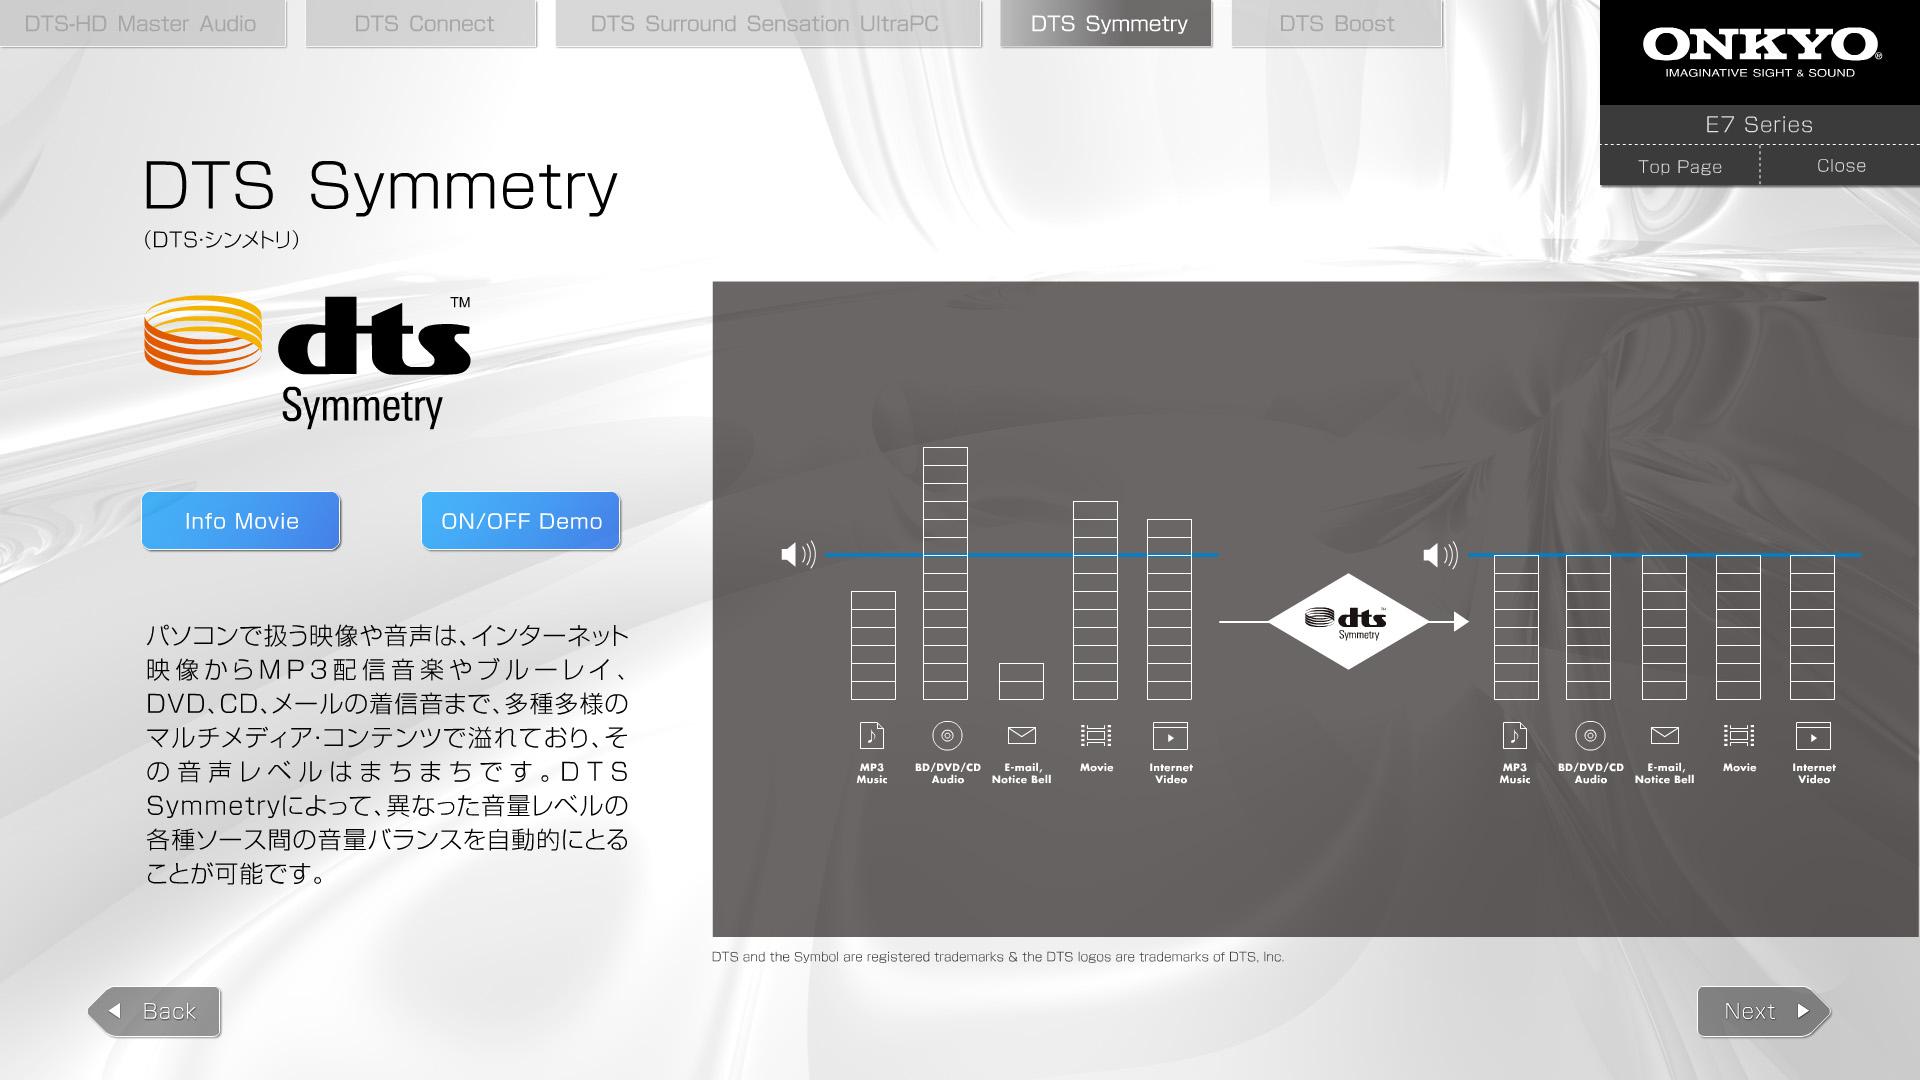 DTS Symmetryの説明画面